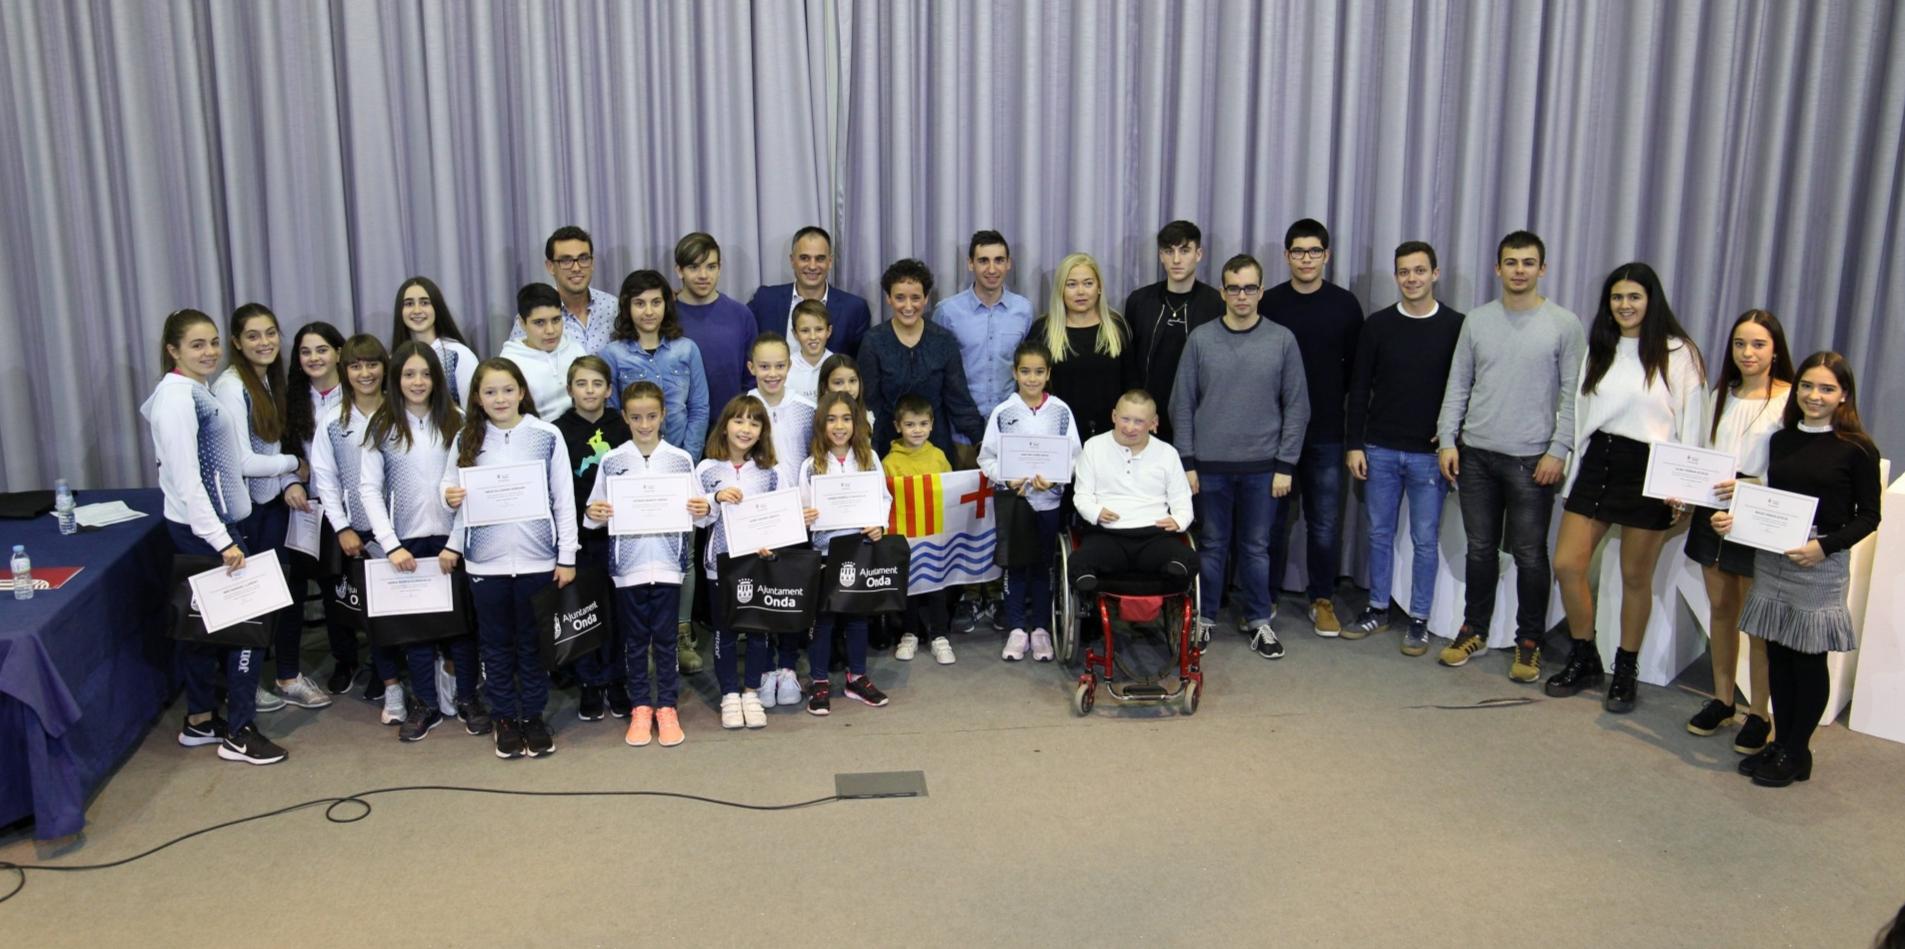 El Ayuntamiento de Onda convoca las ayudas a deportistas de élite y jóvenes promesas locales